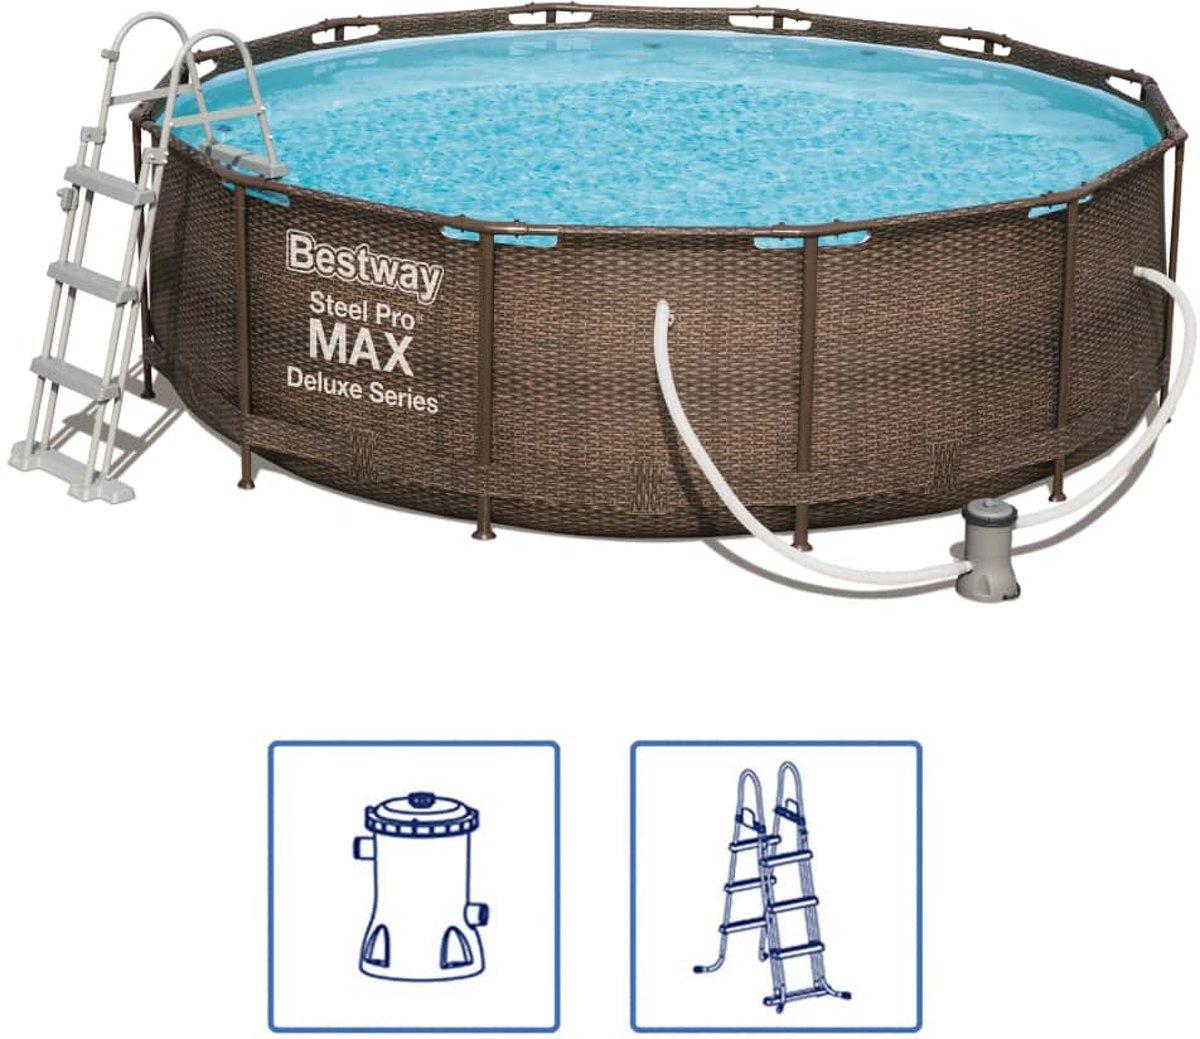 Bestway Steel Pro MAX zwembadset Deluxe Series rond 56709